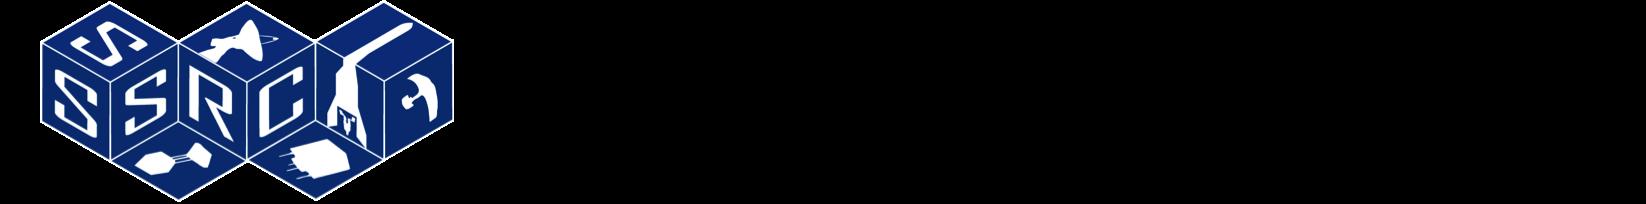 大阪府立大学 小型宇宙機システム研究センター SSSRC